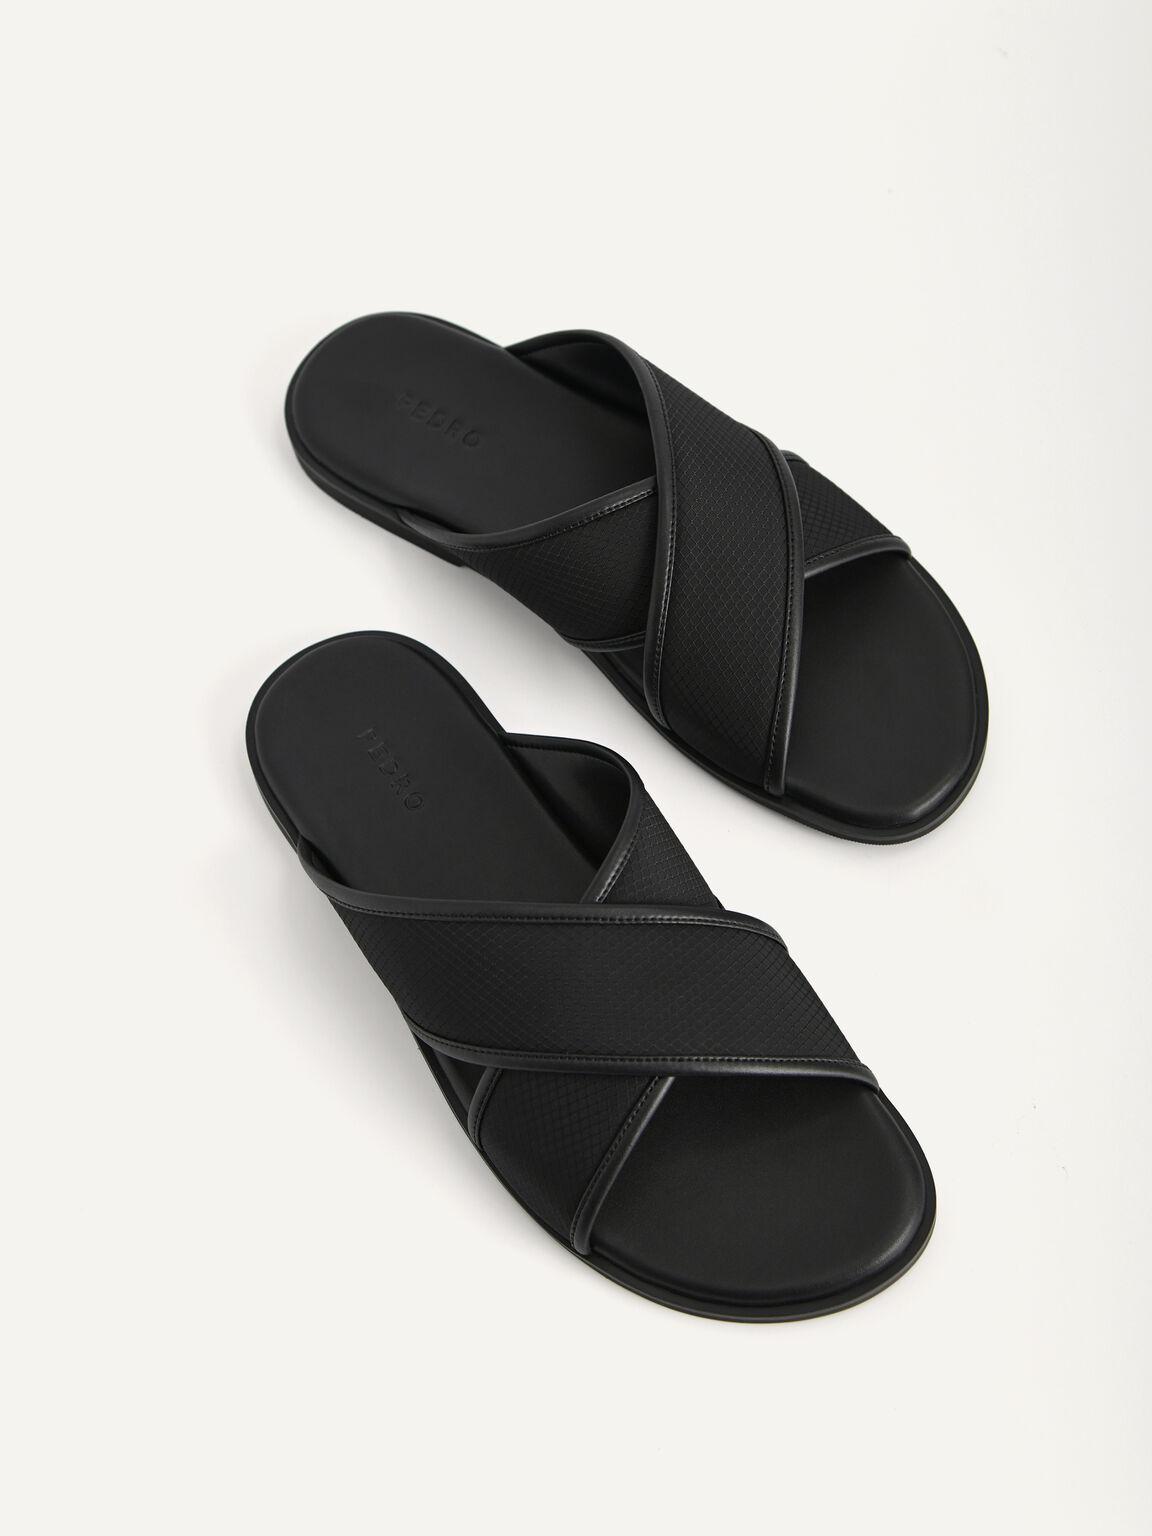 Criss-Cross Strap Sandals, Black, hi-res